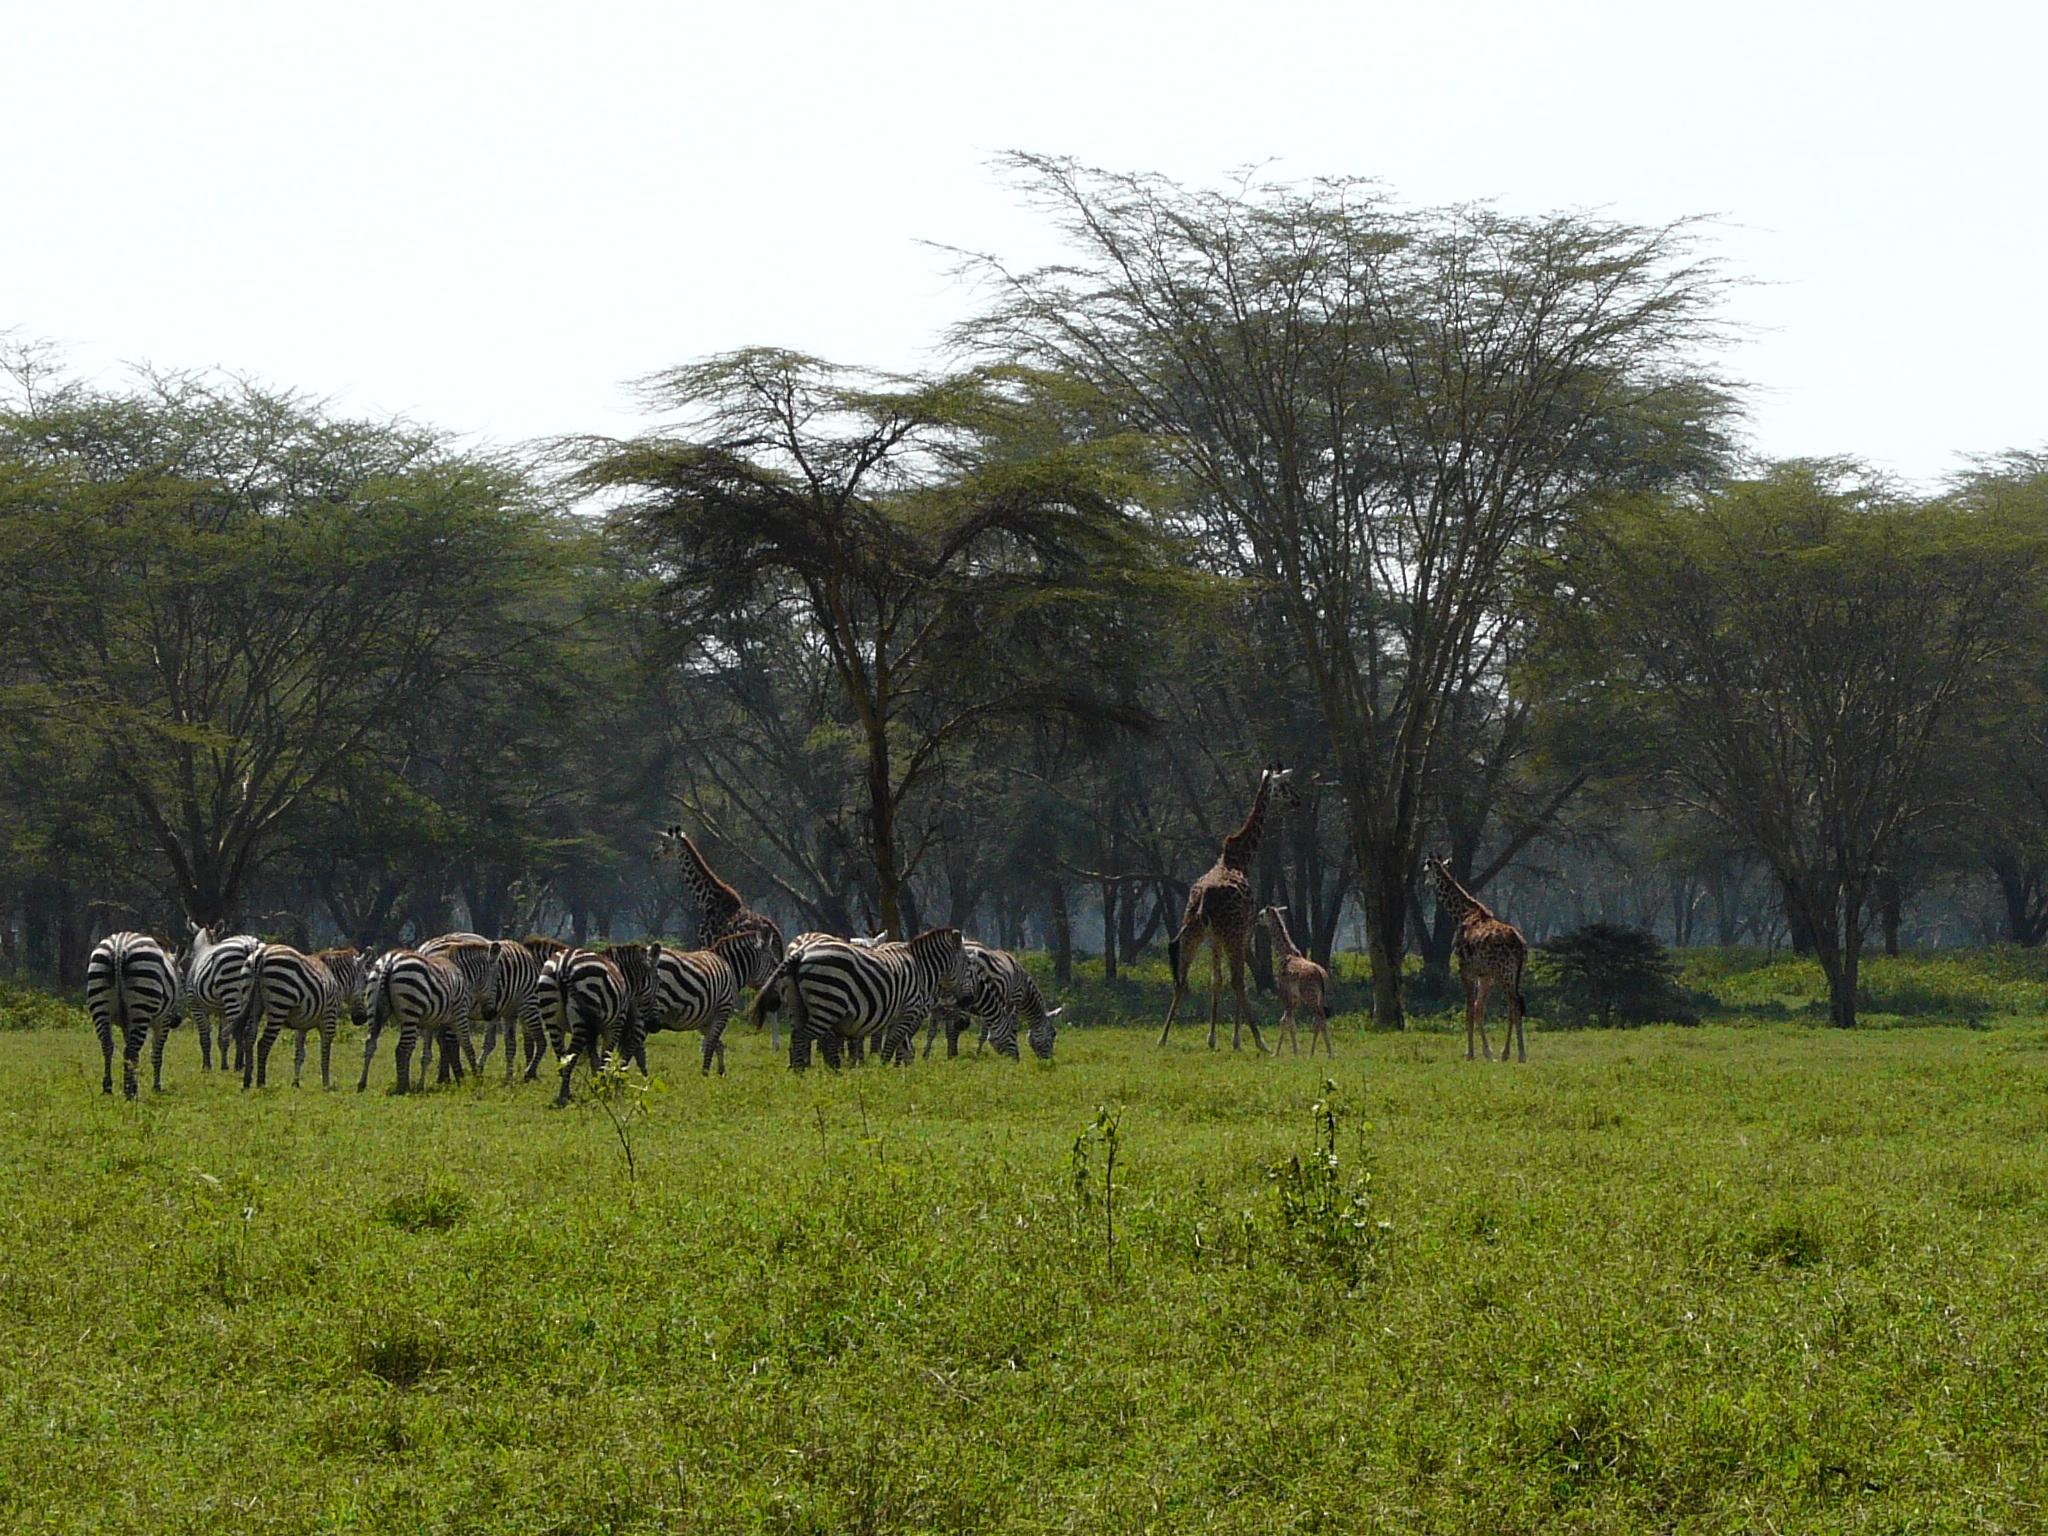 zebrasundgiraffen